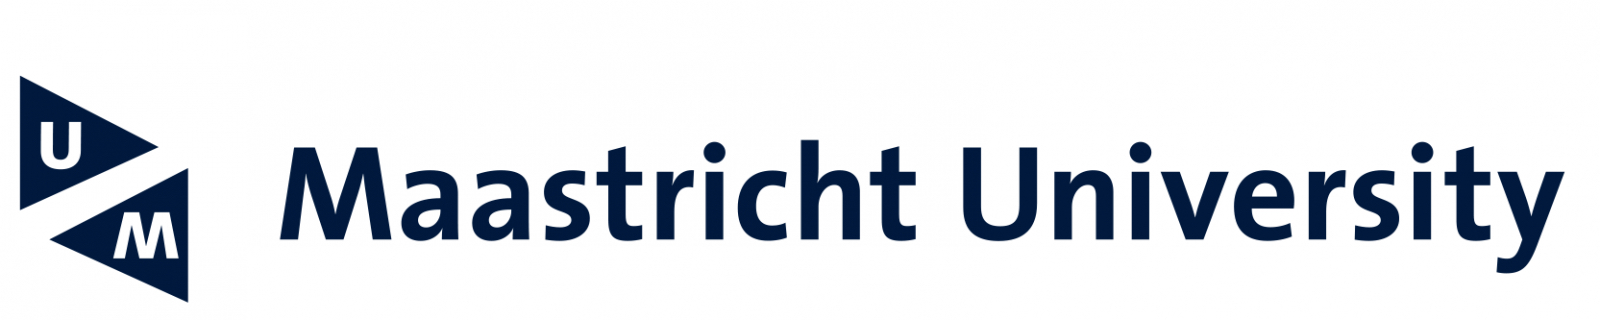 maastricht_university